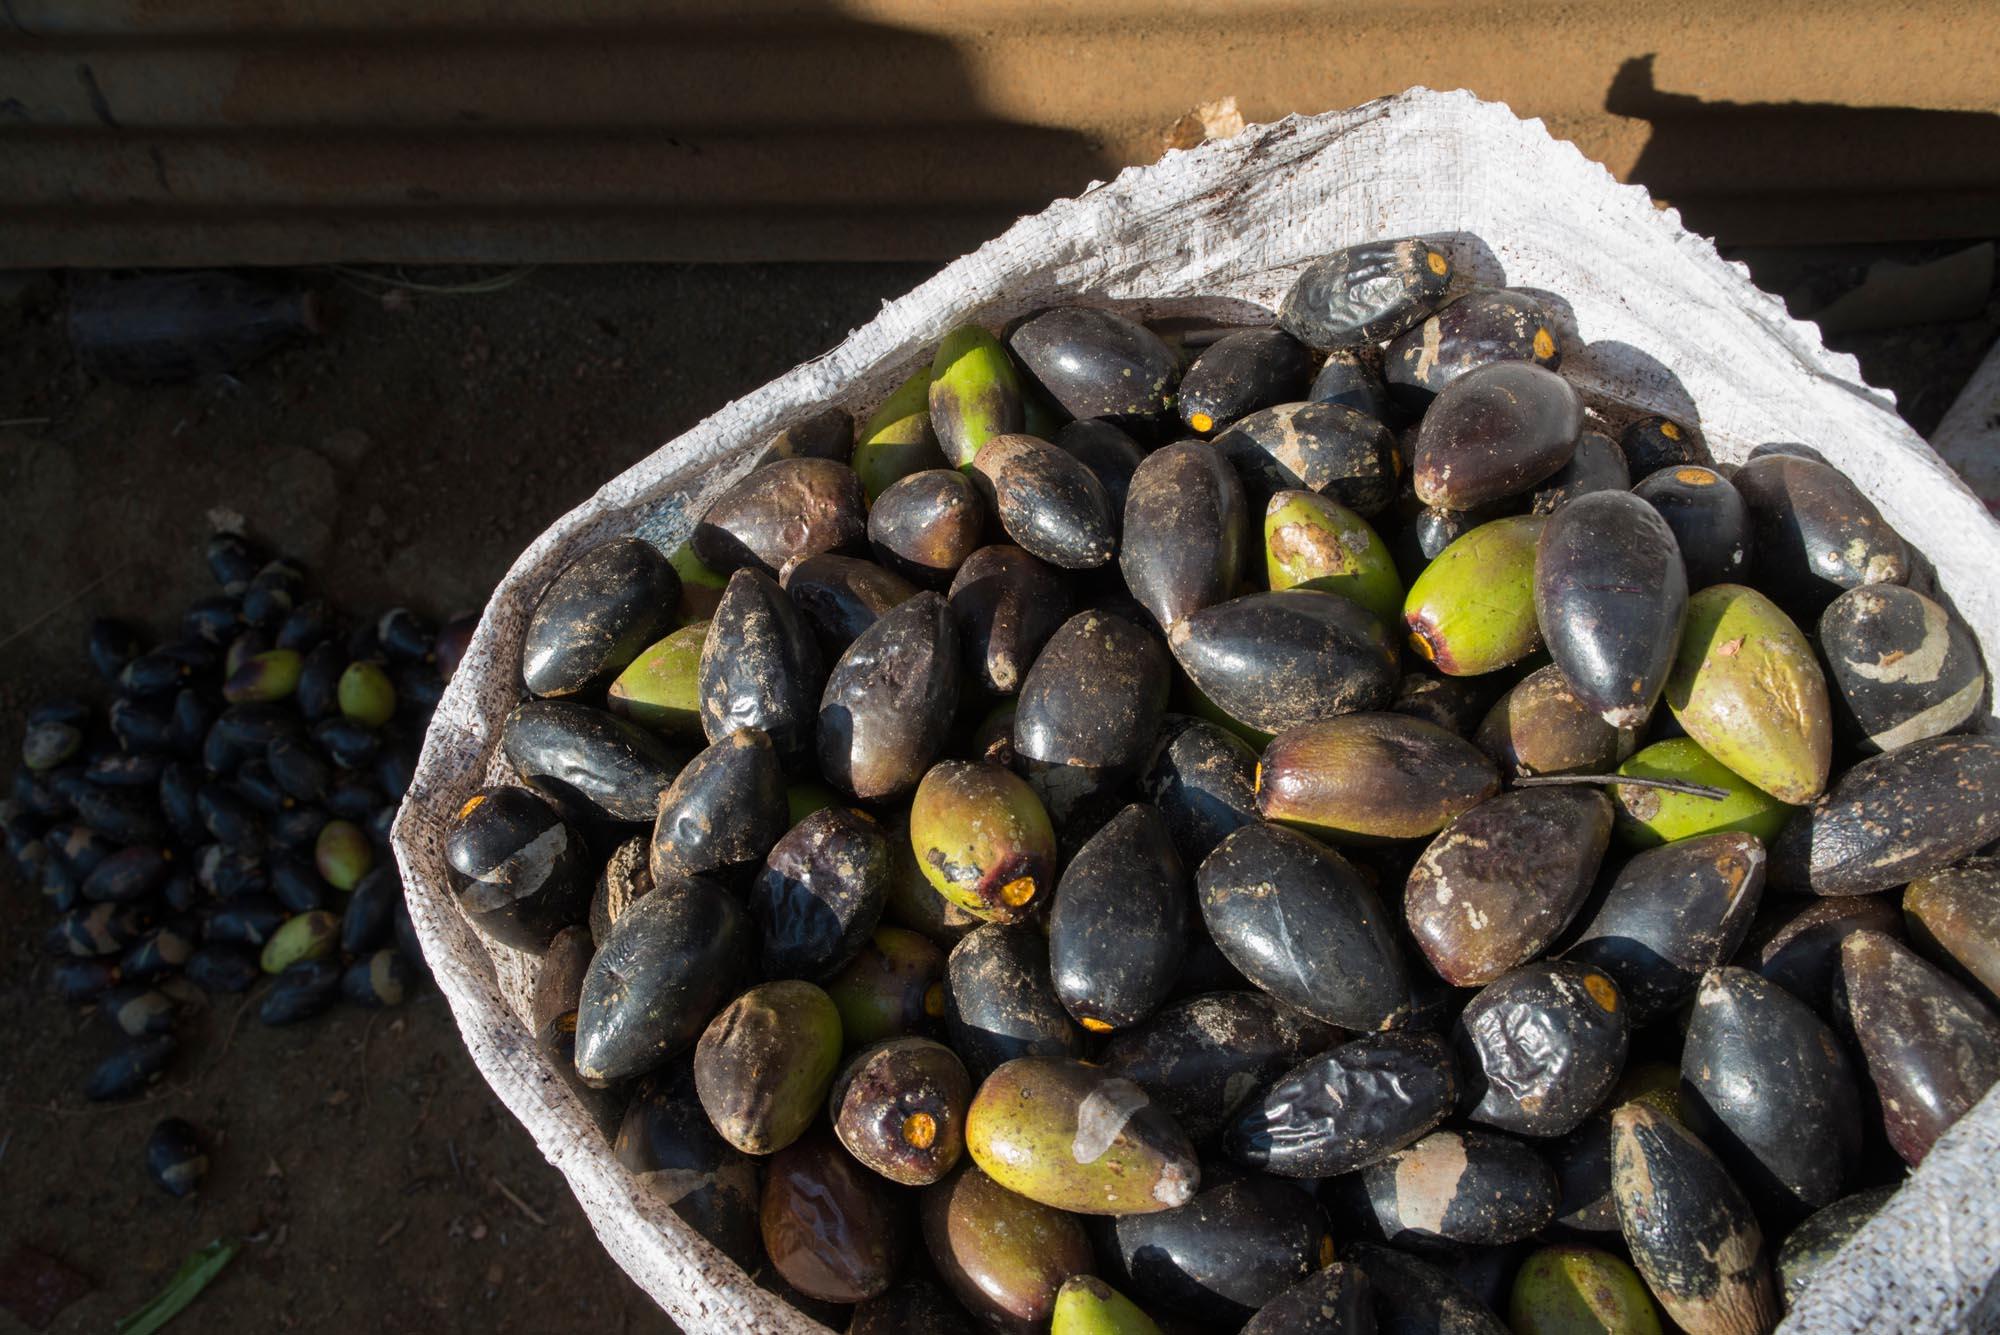 Green pilis///Fruits du pili verts Green pilis